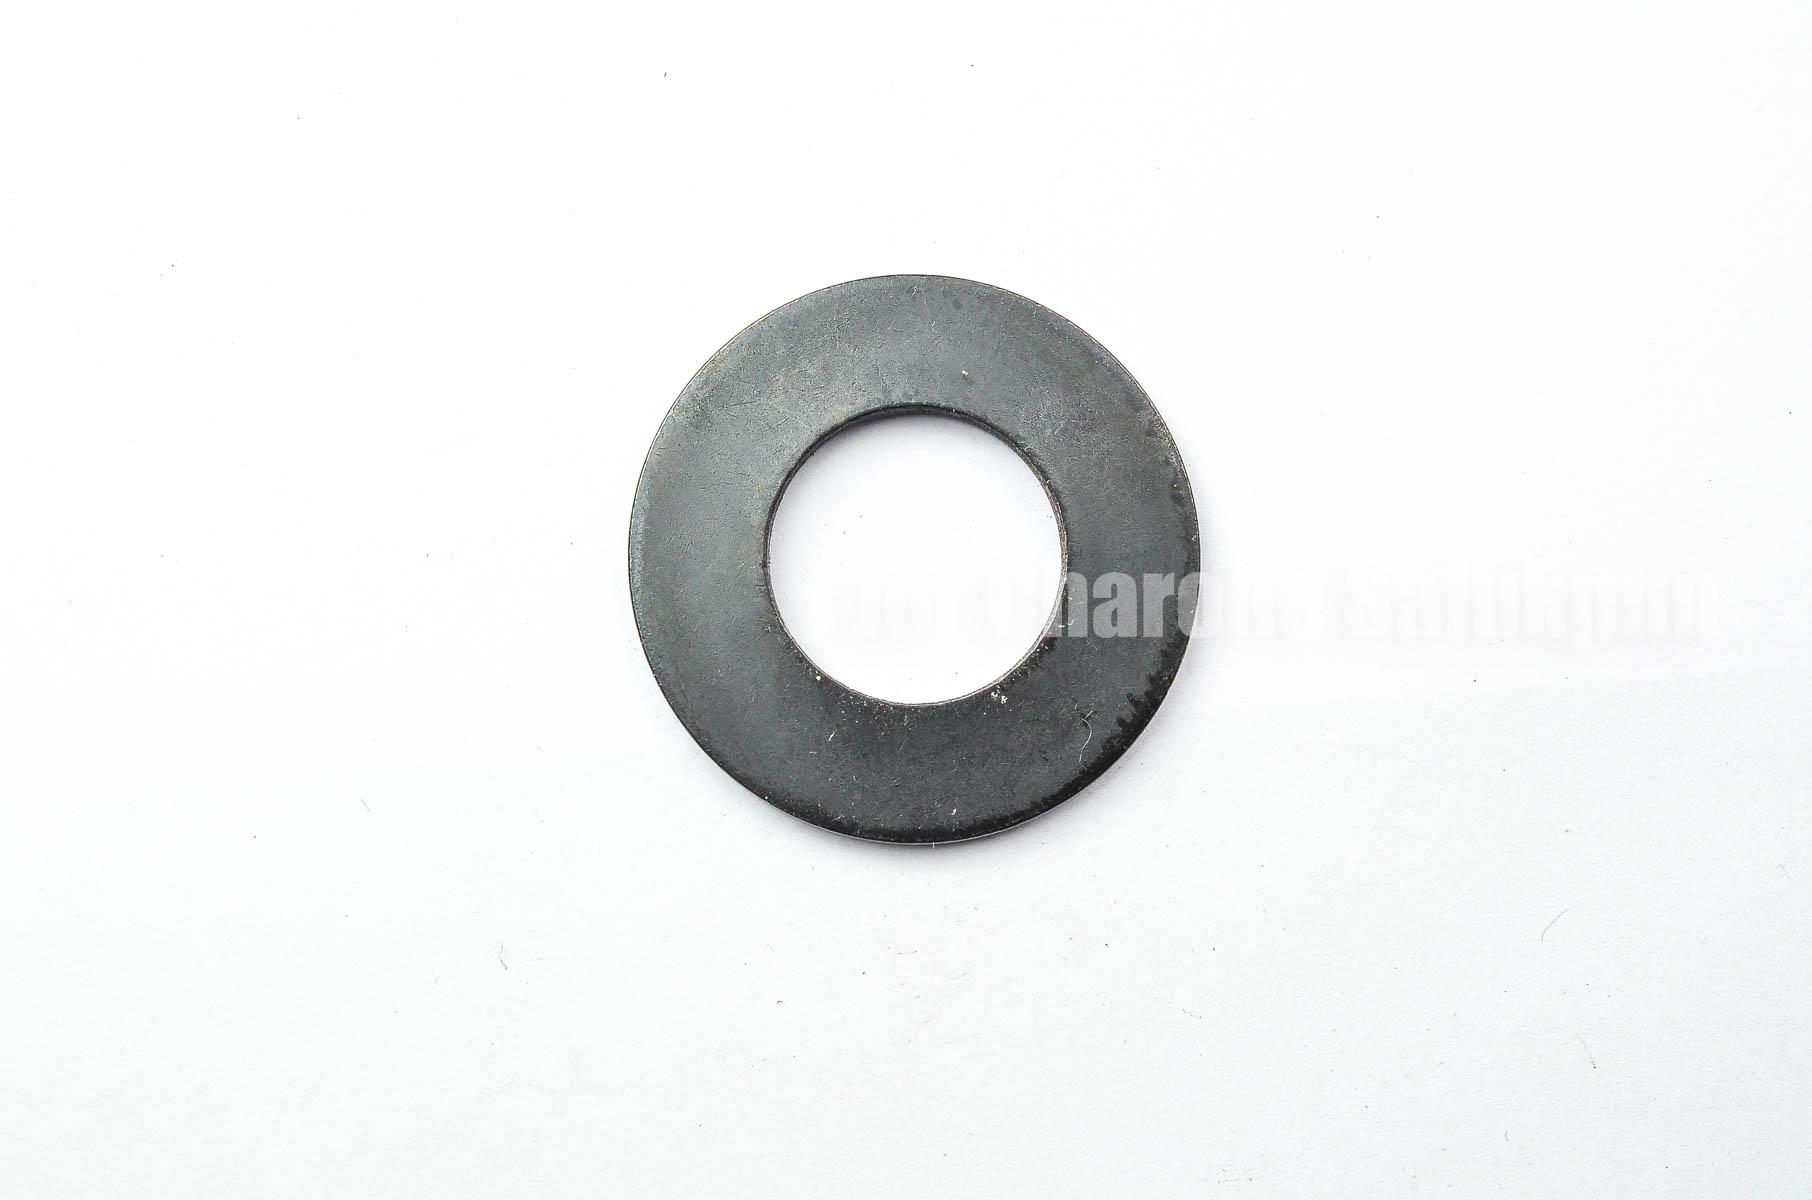 แหวนดิสสปริง-แหวนสปริงจาน M20